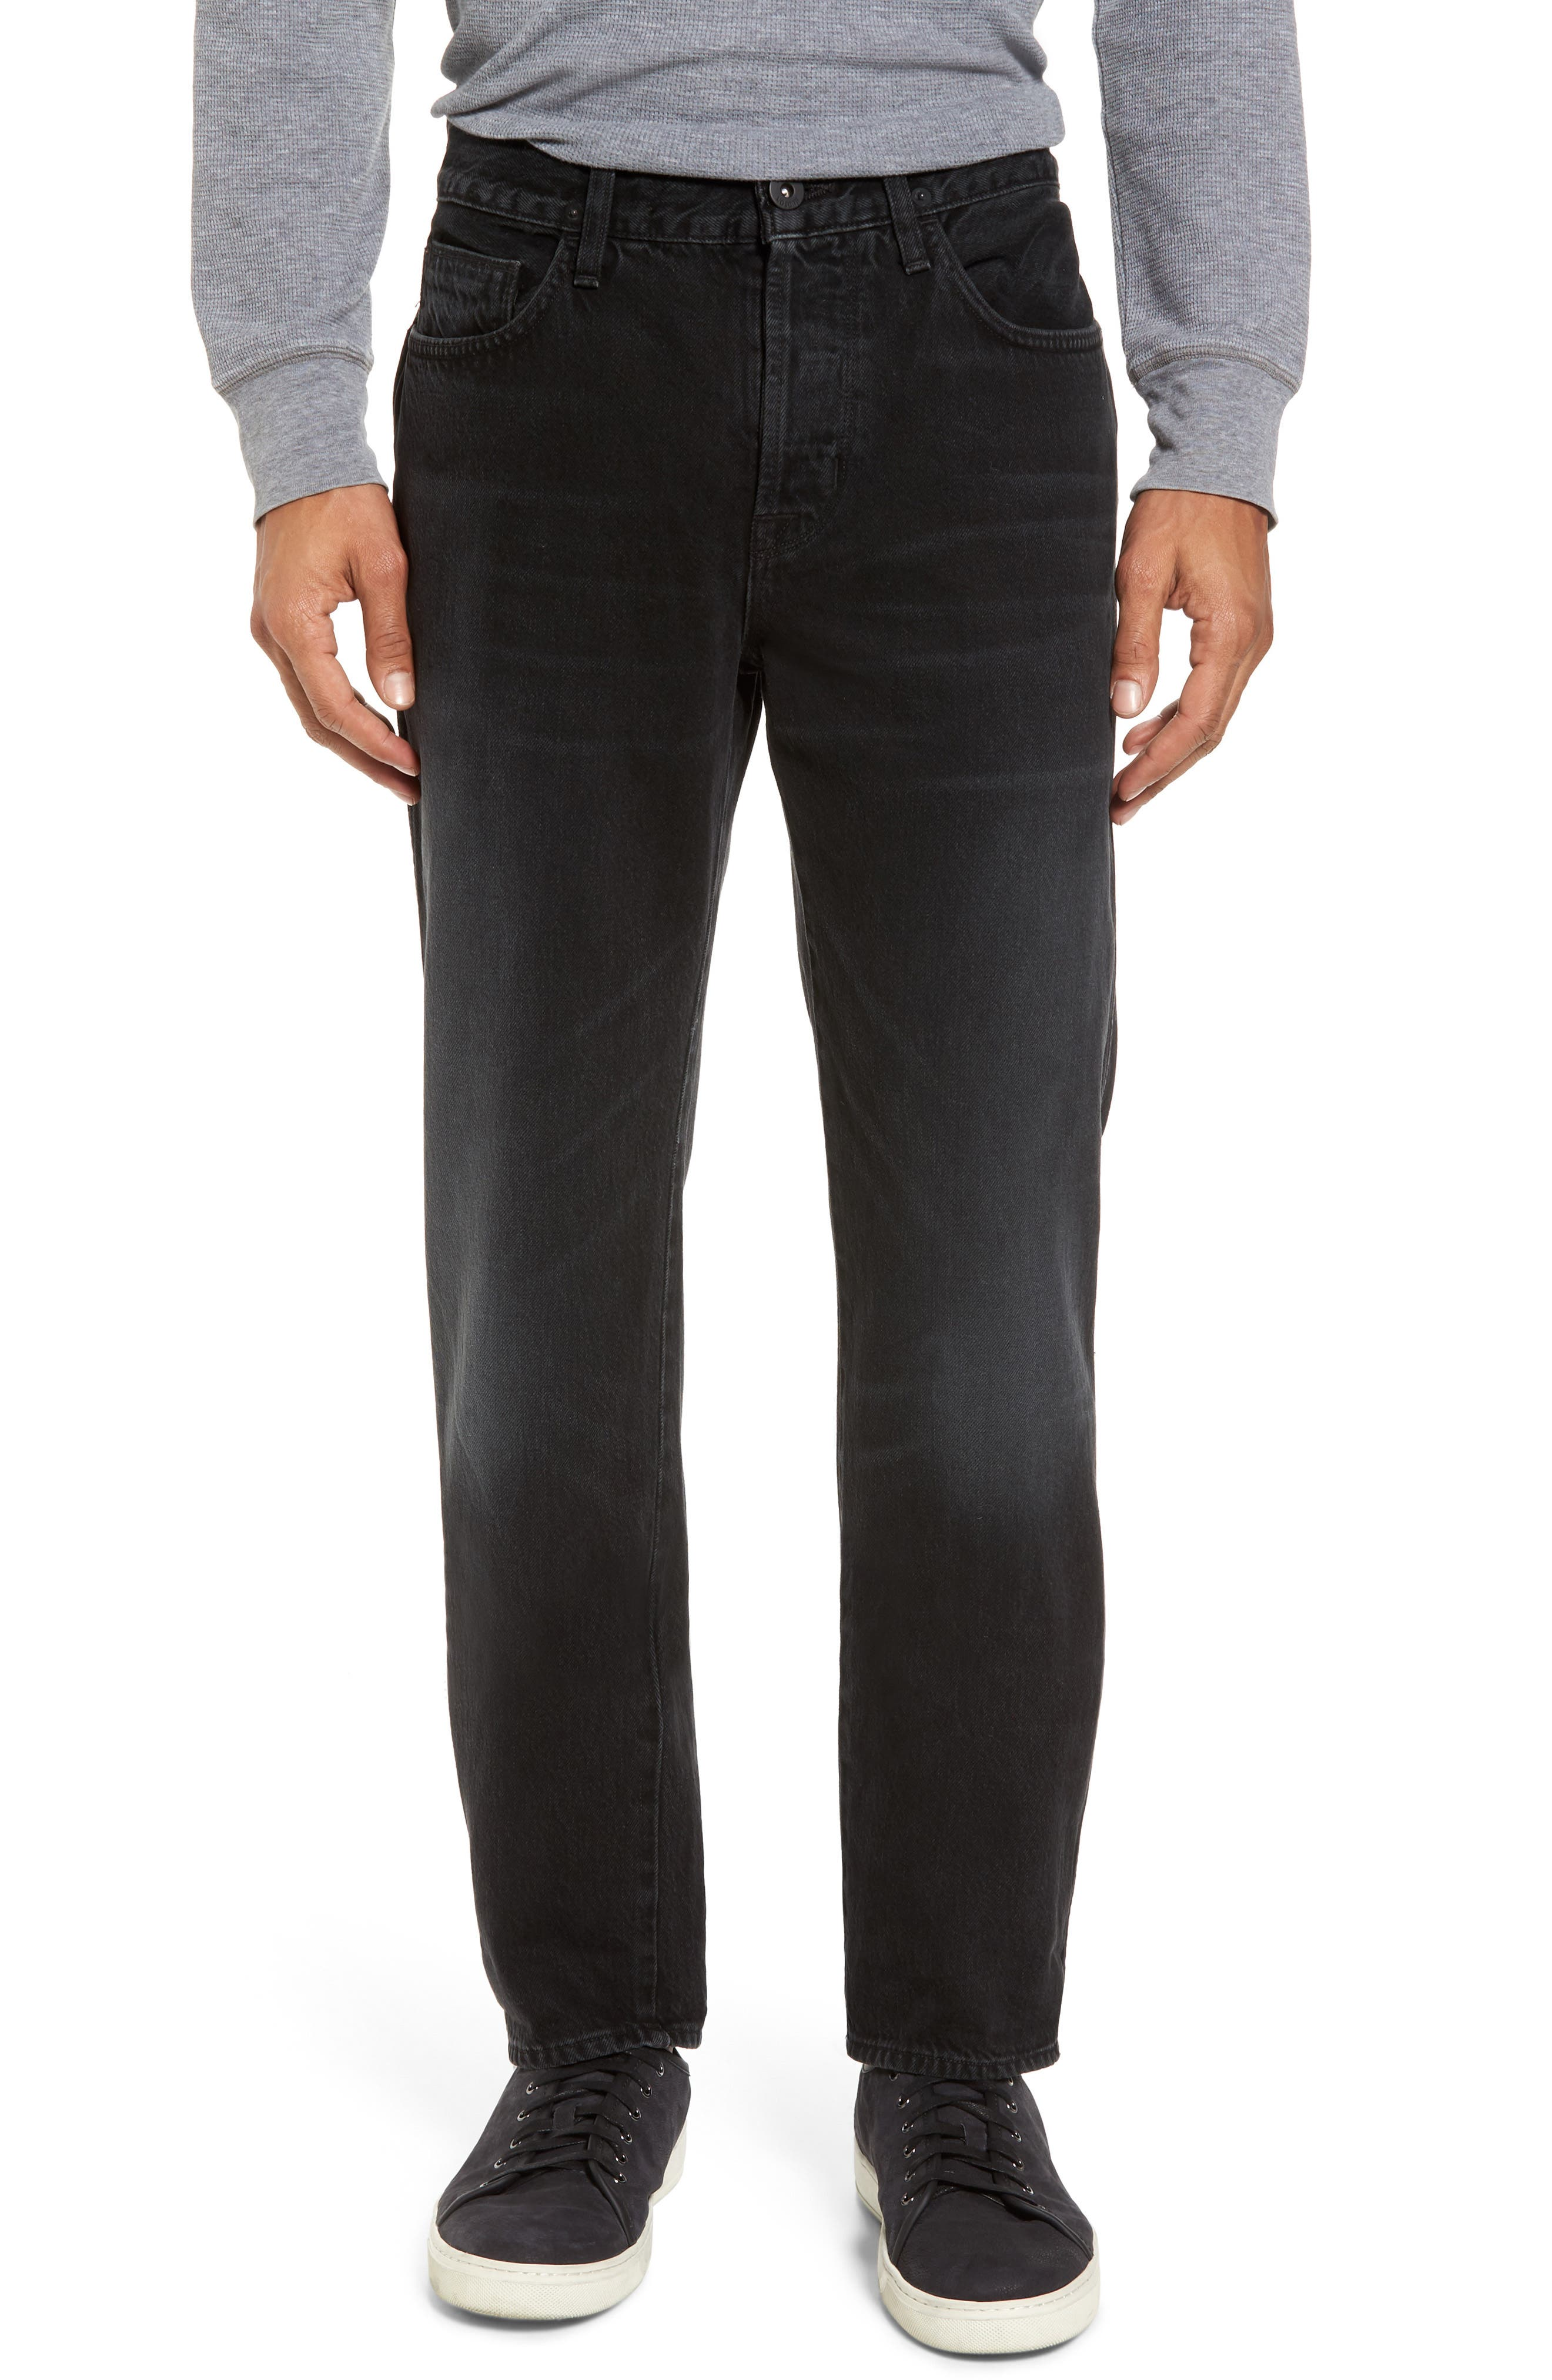 Dixon Straight Fit Jeans,                         Main,                         color, 001